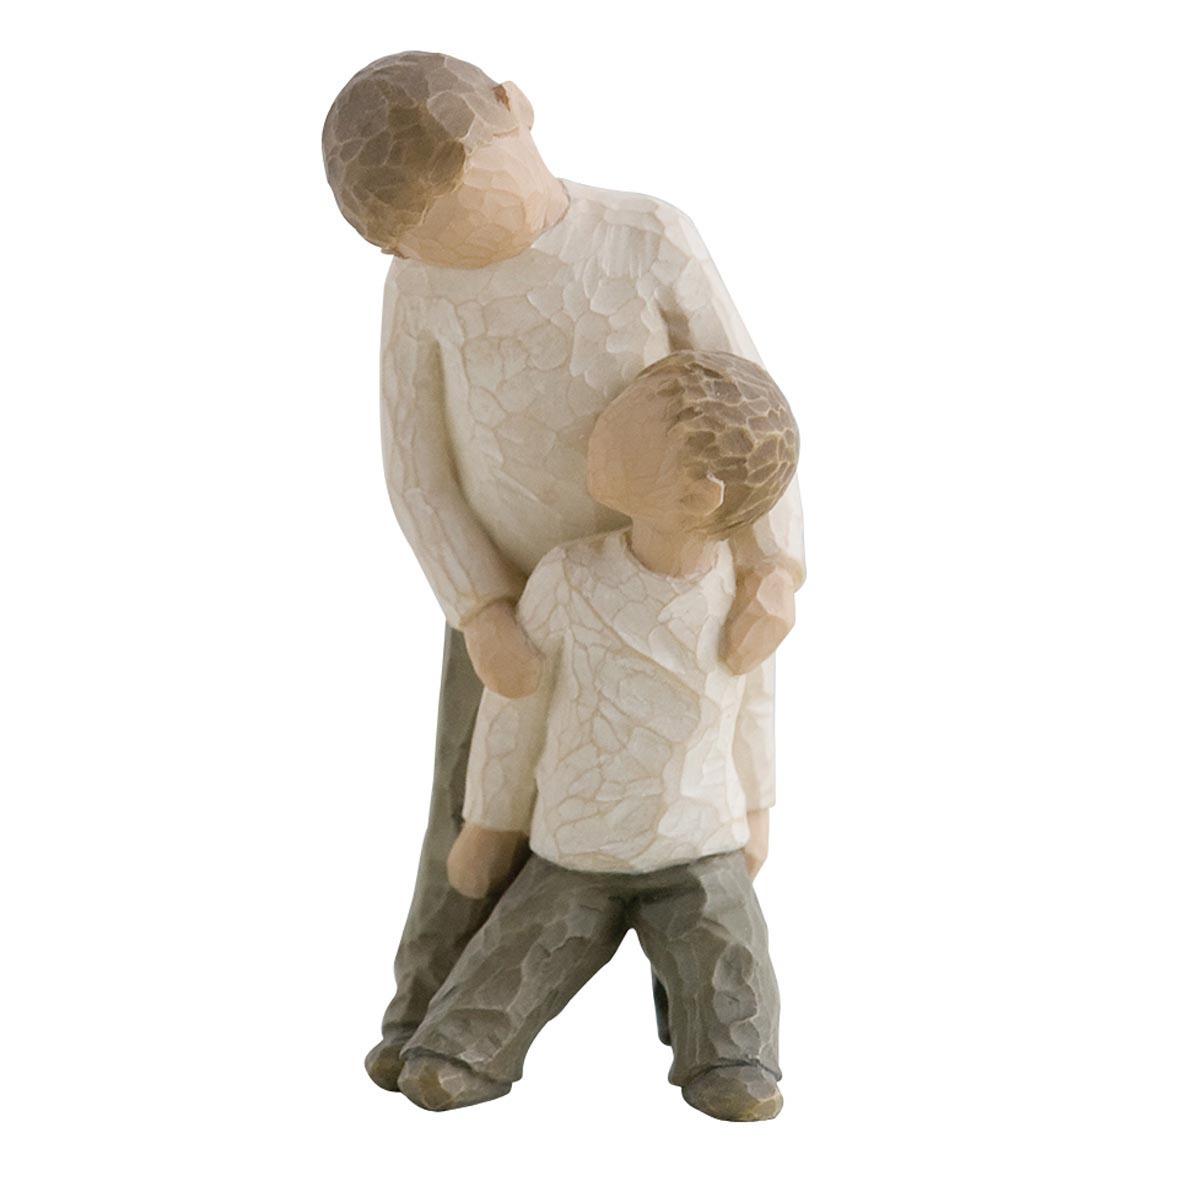 Фигурка декоративная Willow Tree статуэтка миниатюрная, интерьерная, 26056, Искусственный камень декоративная фигурка статуэтка статуэтка karavan 4104